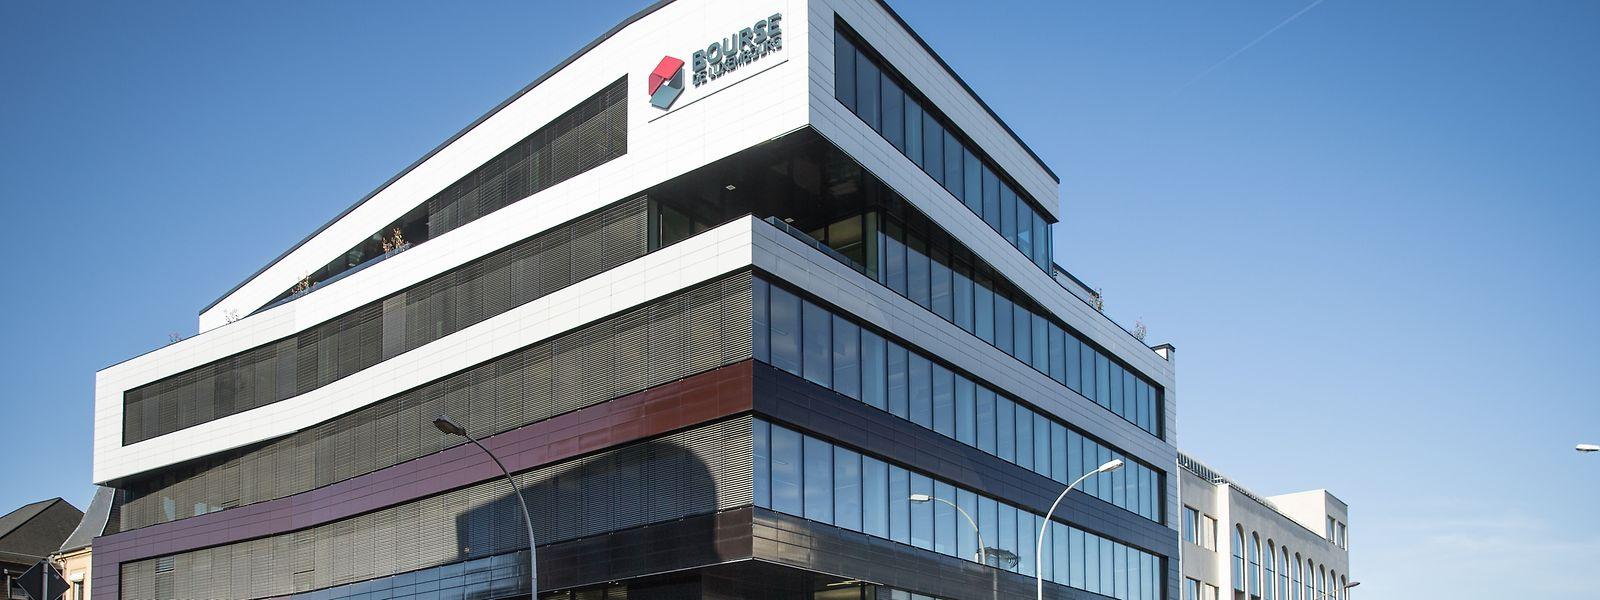 Die vor 90 Jahren gegründete Luxemburger Börse befindet sich seit dem Jahr 2014 an der Kreuzung zwischen der Avenue Emile Reuter und dem Boulevard Joseph II.